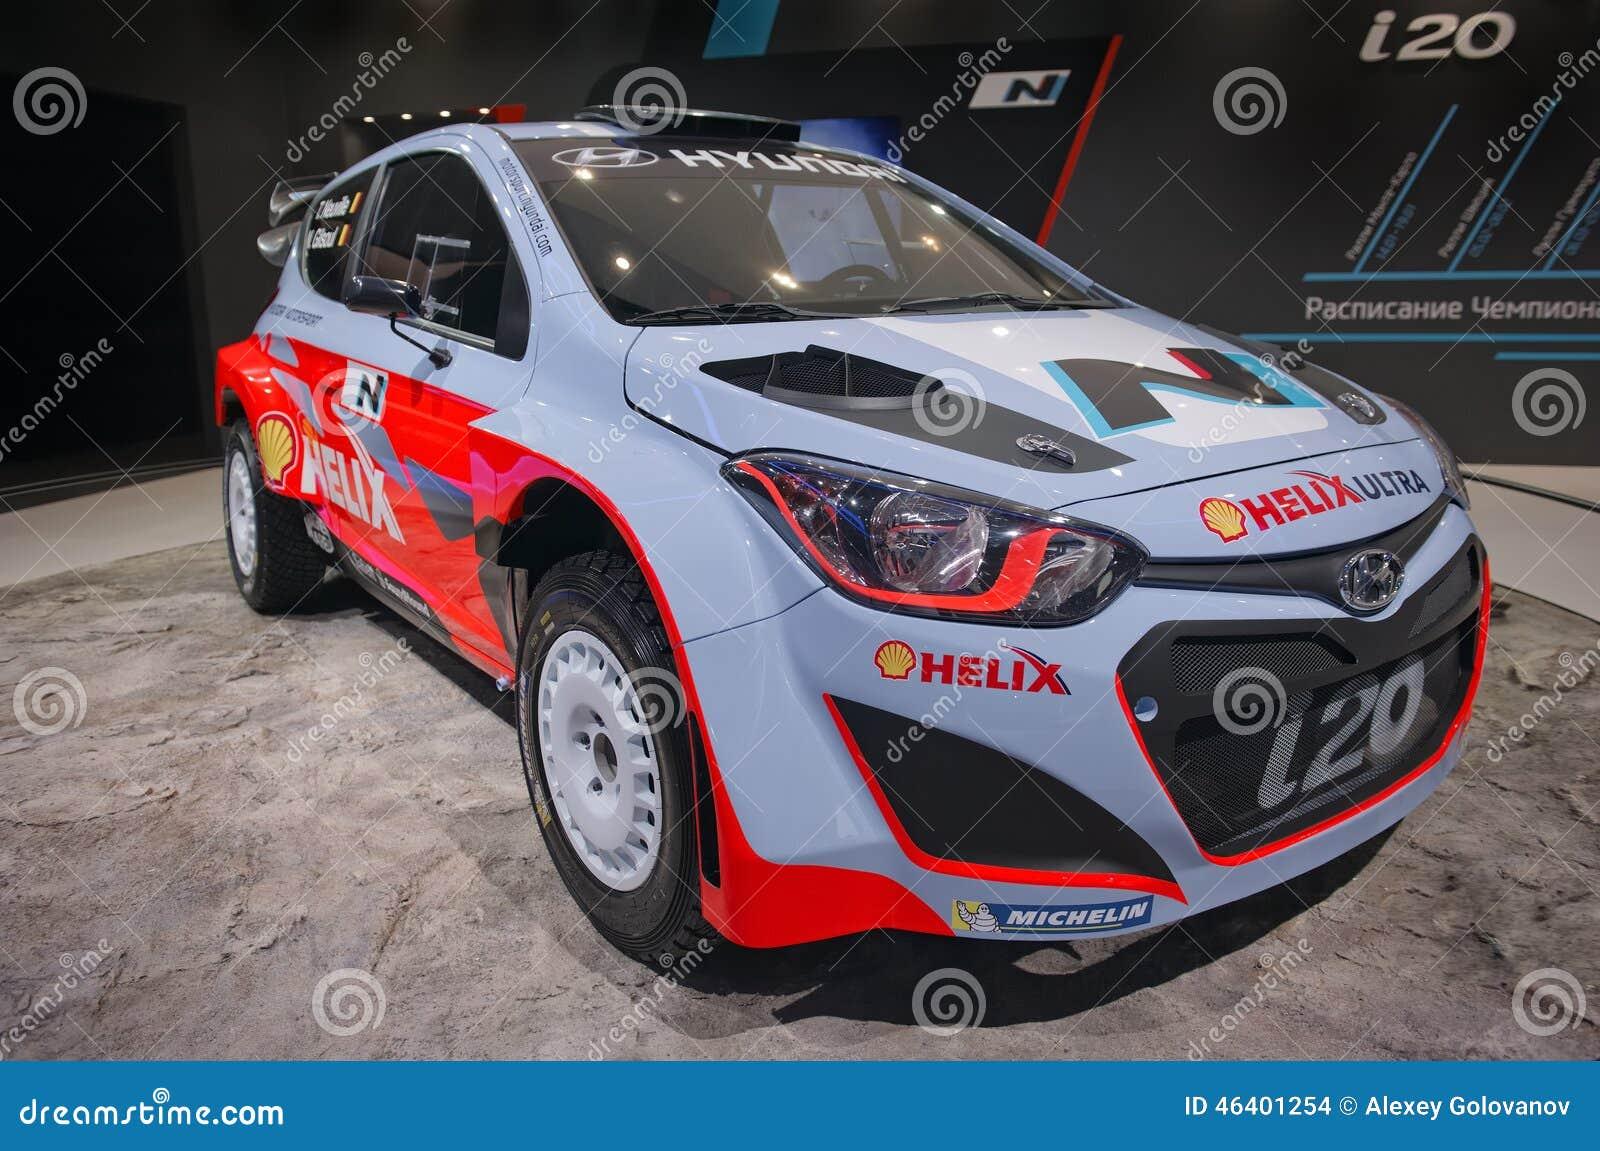 Captivating Sports Car Hyundai I20